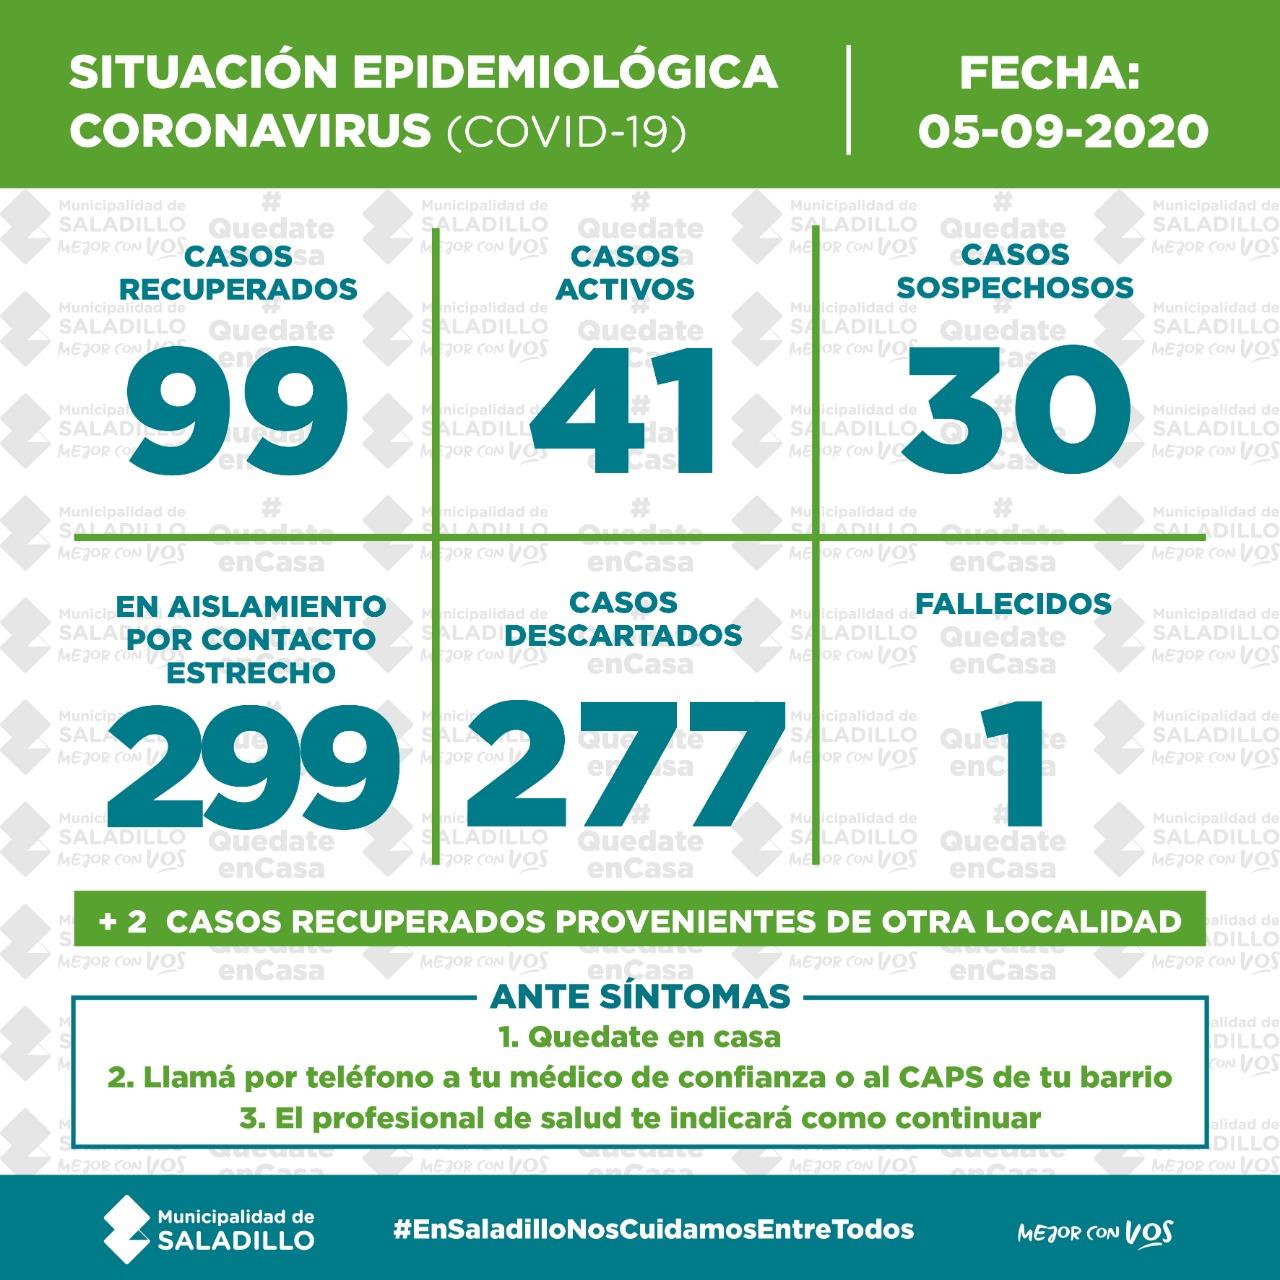 SITUACIÓN EPIDEMIOLÓGICA EN SALADILLO al 05/9/2020